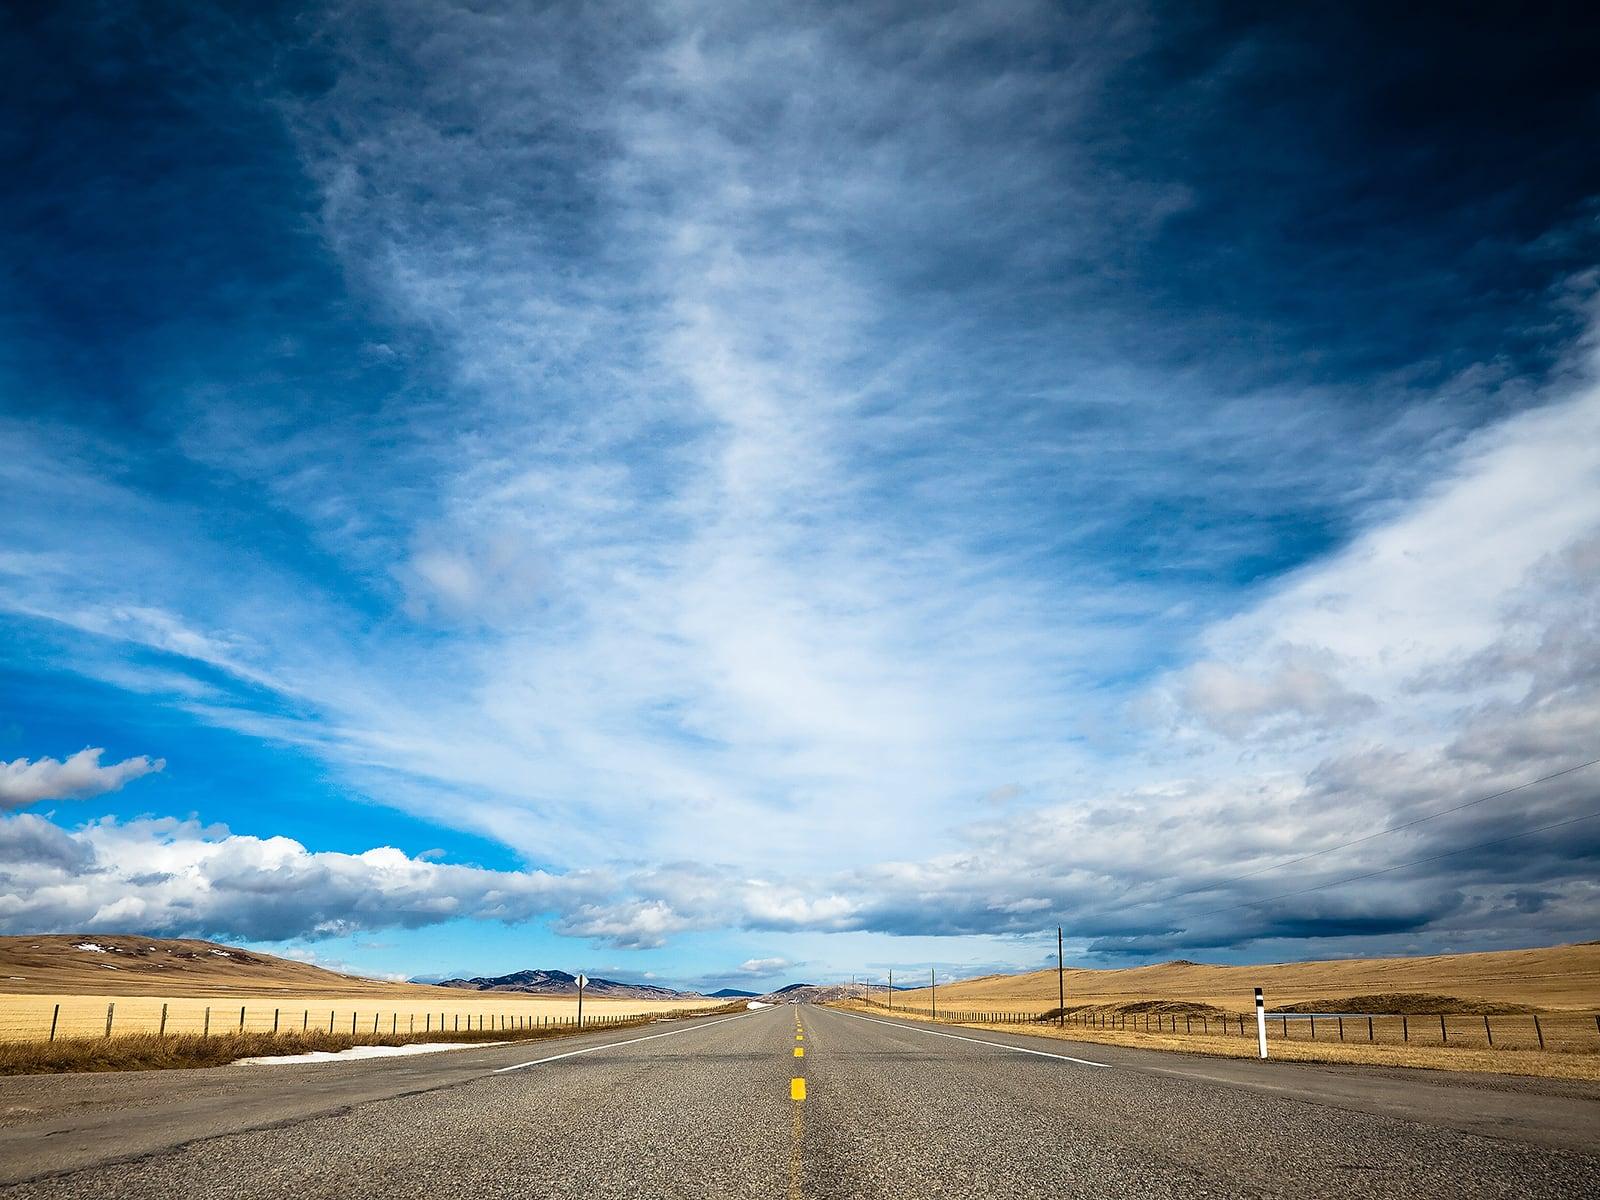 When the Road Met the Sky Wallpaper